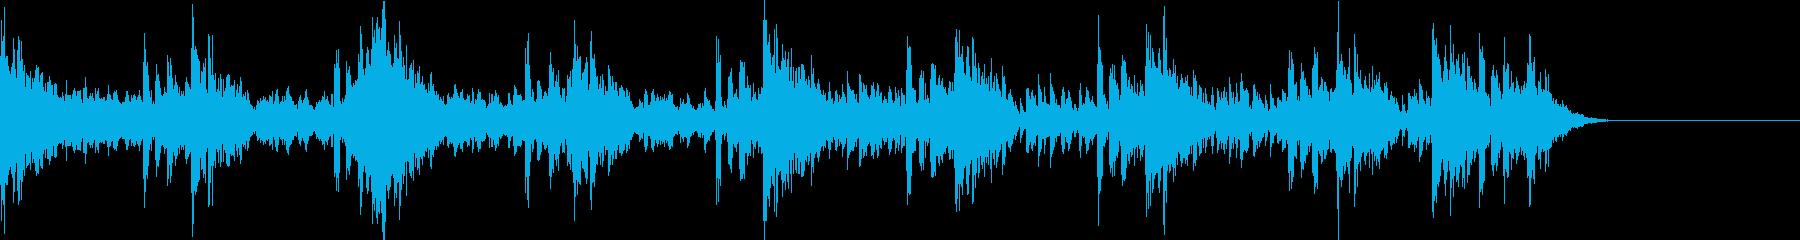 パーカッションによる緊迫としたBGM2の再生済みの波形